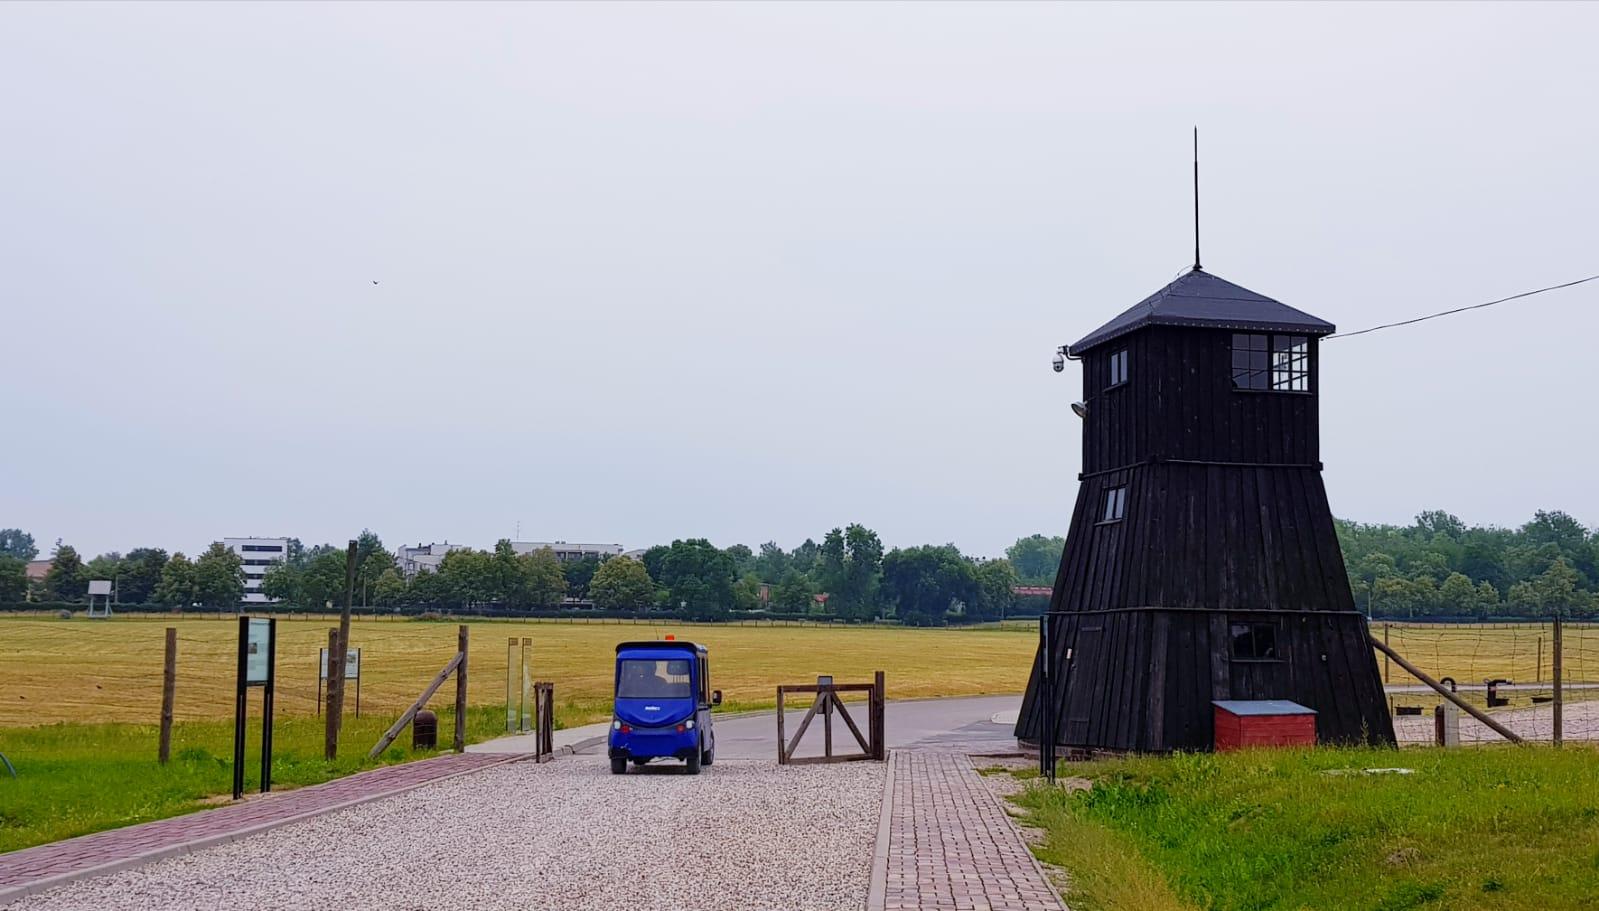 מחנה ההשמדה מיידאנק צילום דוד קליגר